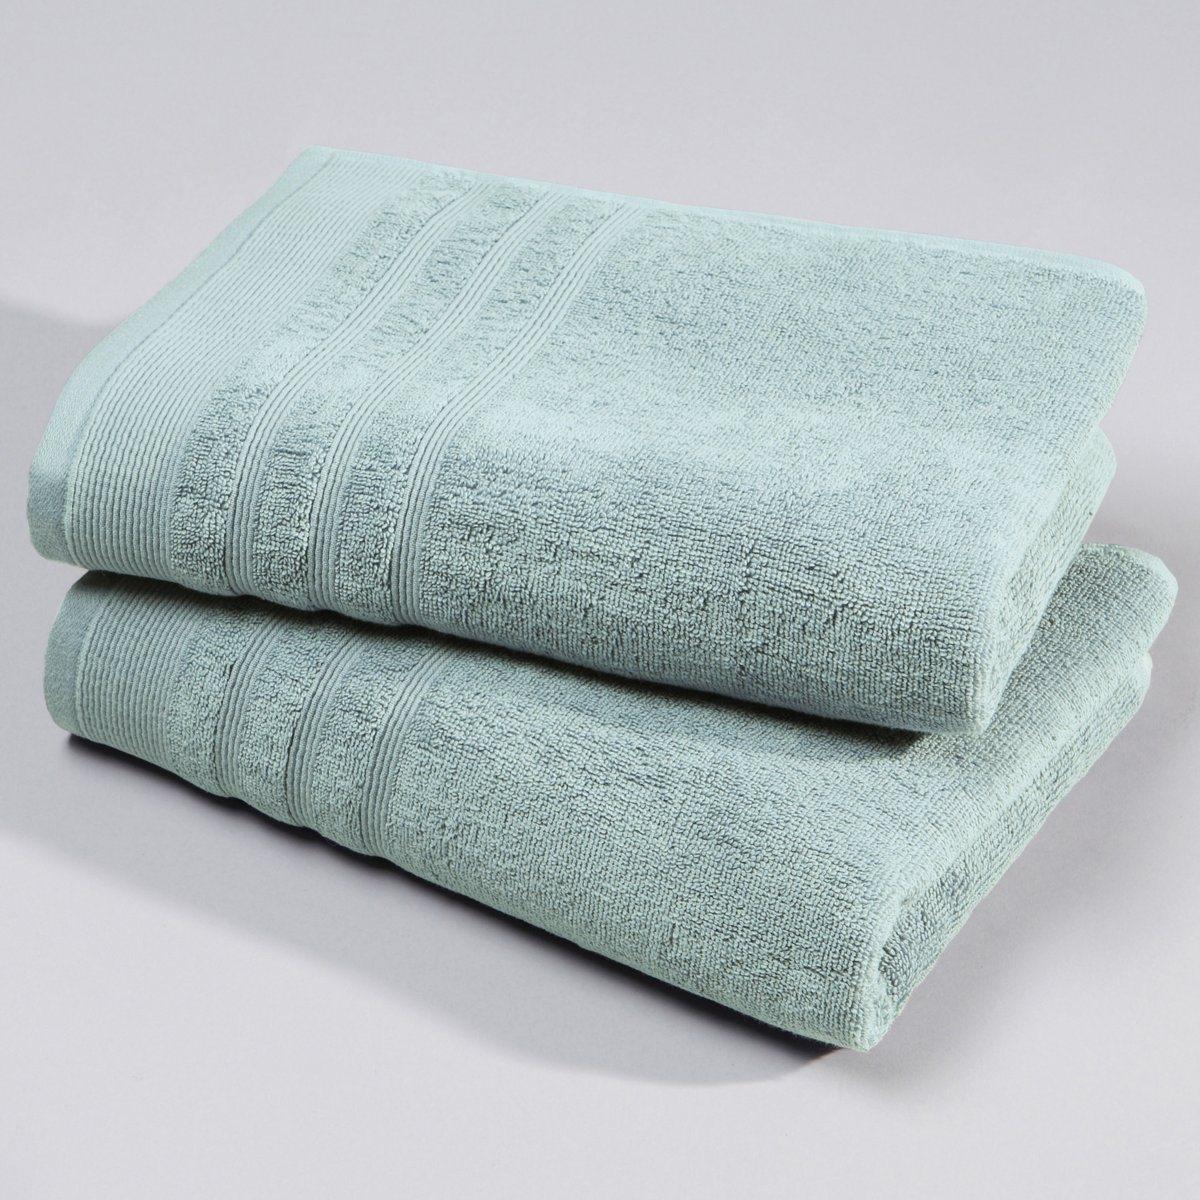 Салфетка 600 г/м? (комплект из 2), Качество BestХарактеристики :Качество BEST.Махровая ткань 100 % хлопка.Машинная стирка при 60°.Размер салфетки :50 x 100 см.<br><br>Цвет: бежевый,гранатовый,зелено-синий,зеленый мох,розовая пудра,светло-серый,Серо-синий,синий морской,темно-серый,фиолетовый,шафран<br>Размер: 50 x 100  см.50 x 100  см.50 x 100  см.50 x 100  см